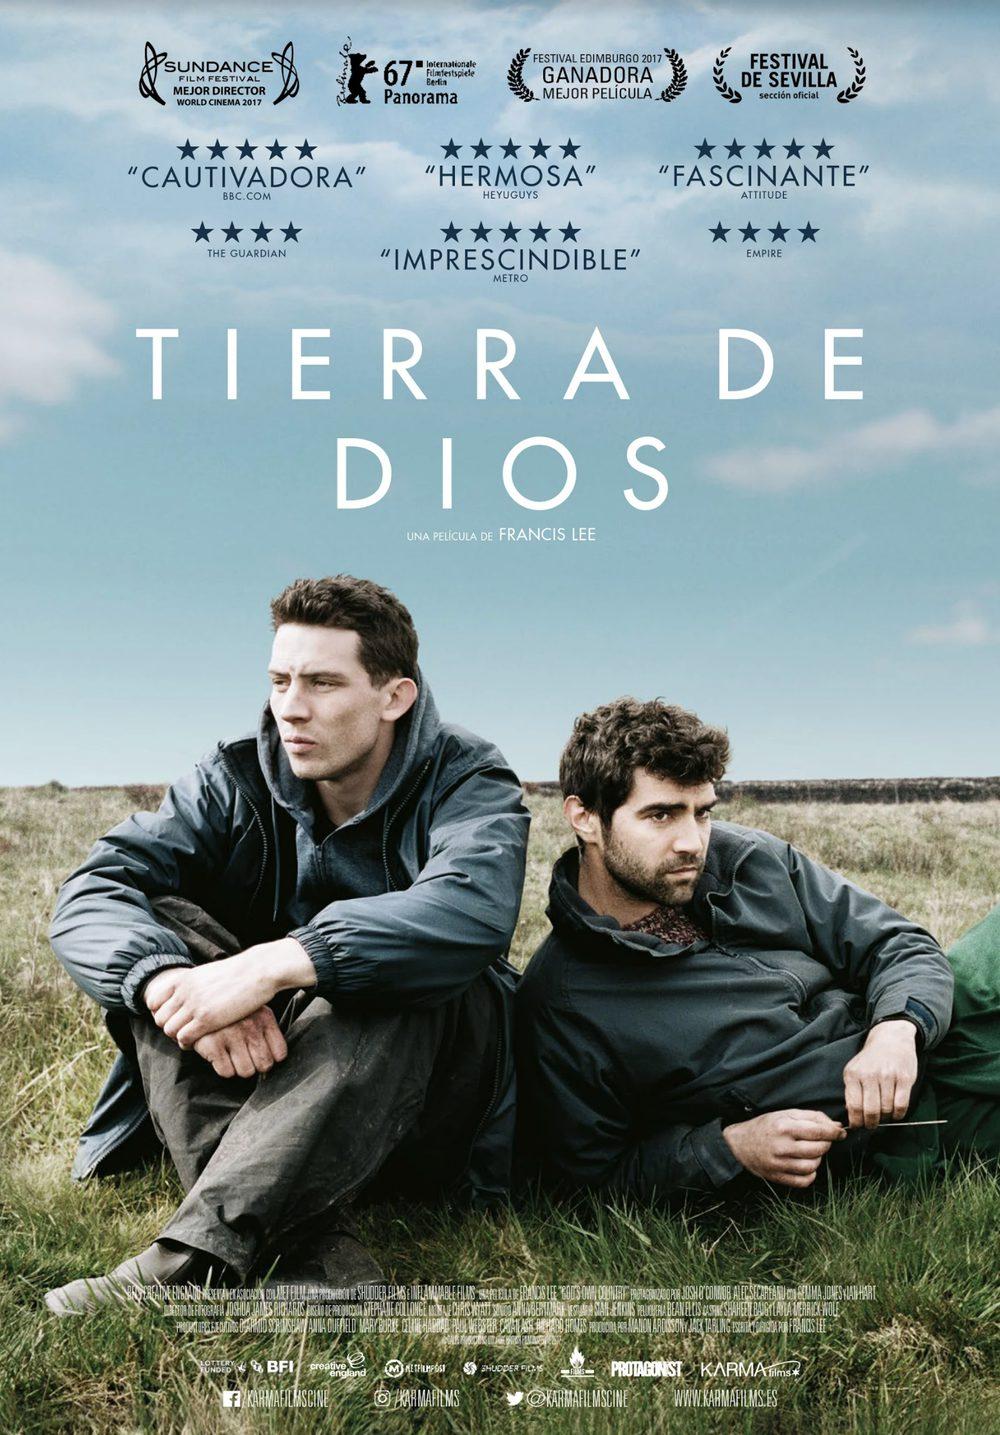 TIERRA DE DIOS Cine ALCINE Alcalá